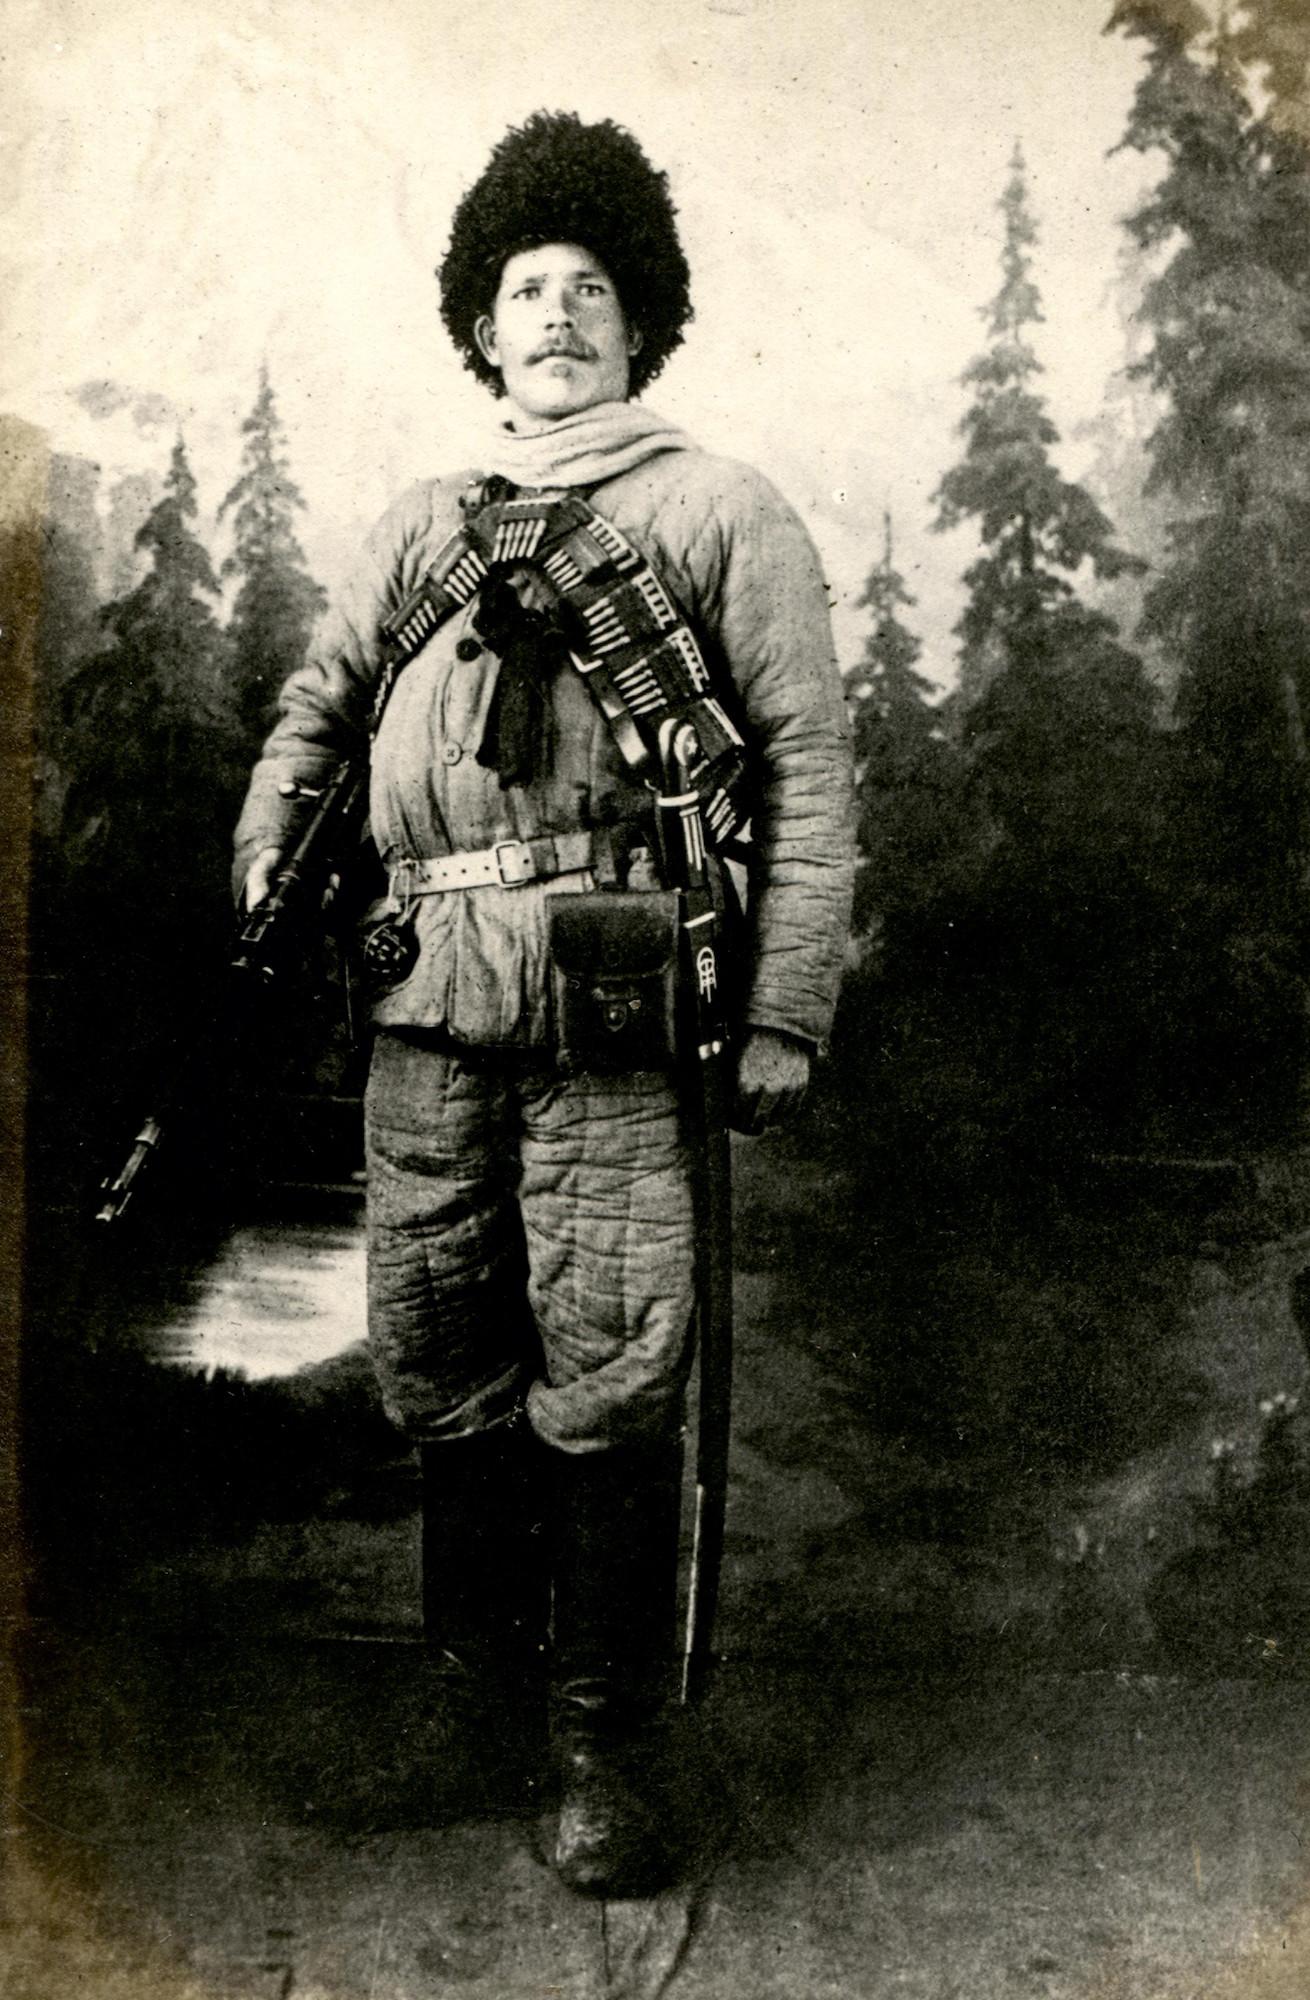 Командир партизанского отряда А. Н. Кочнев. Фотосалон «Идеал».    Март 1920 года   © КГБНУК г. Хабаровск «ХКМ имени Н. И. Гродекова»